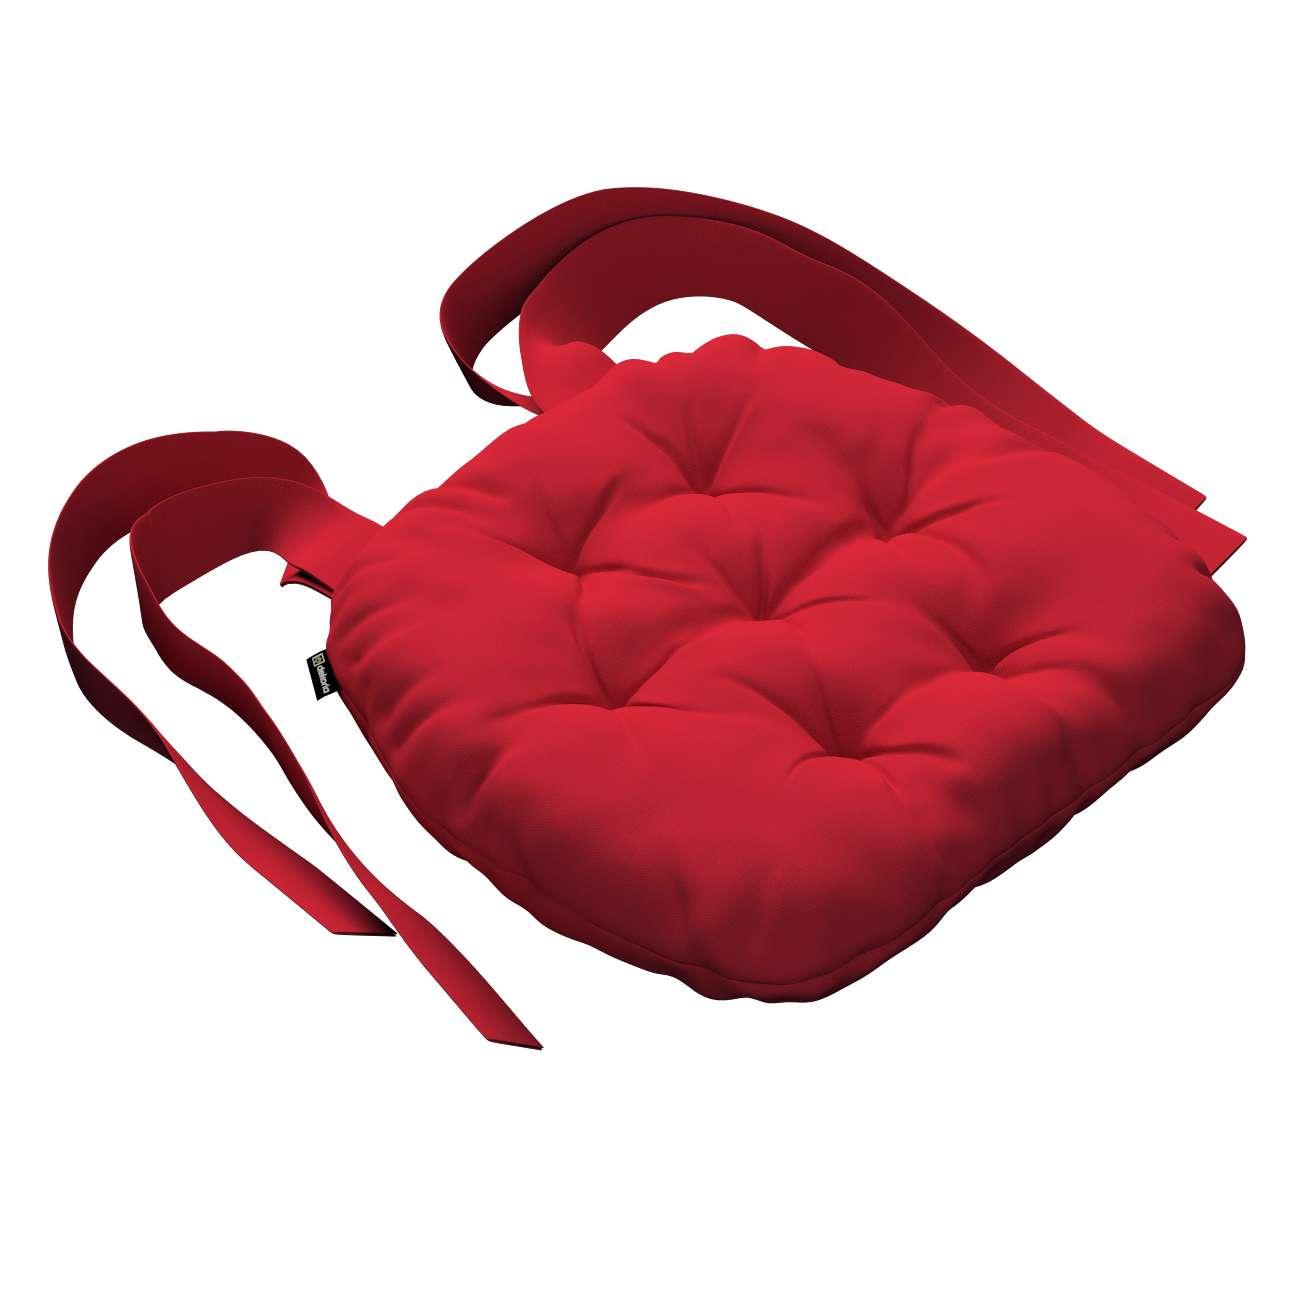 Siedzisko Marcin na krzesło 40x37x8cm w kolekcji Cotton Panama, tkanina: 702-04